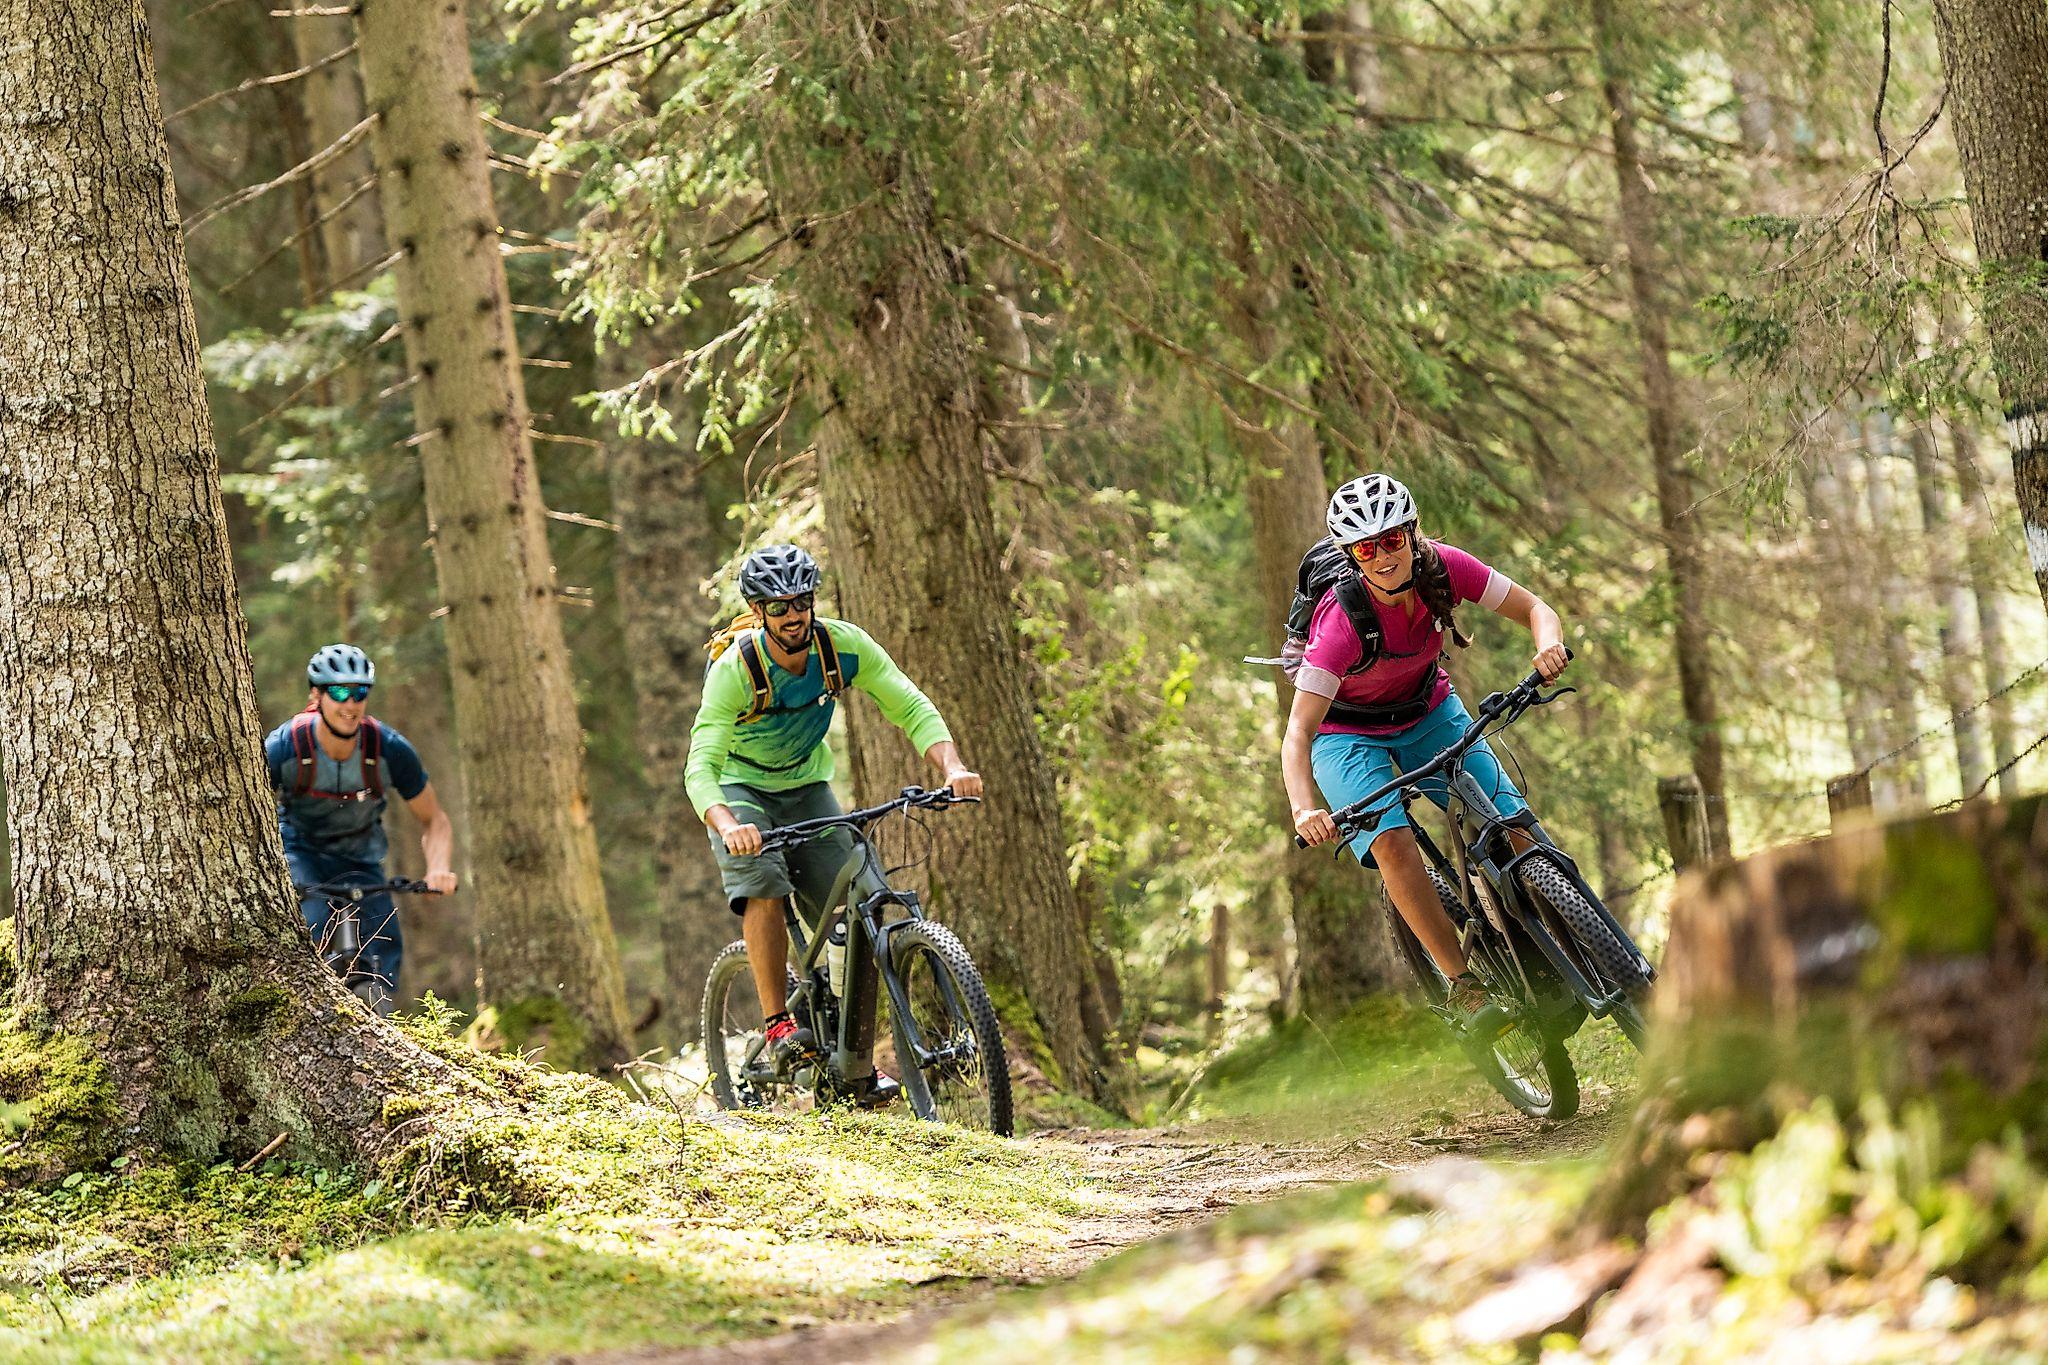 <p>Biken im Wald - Bikeparadies Flachau</p>